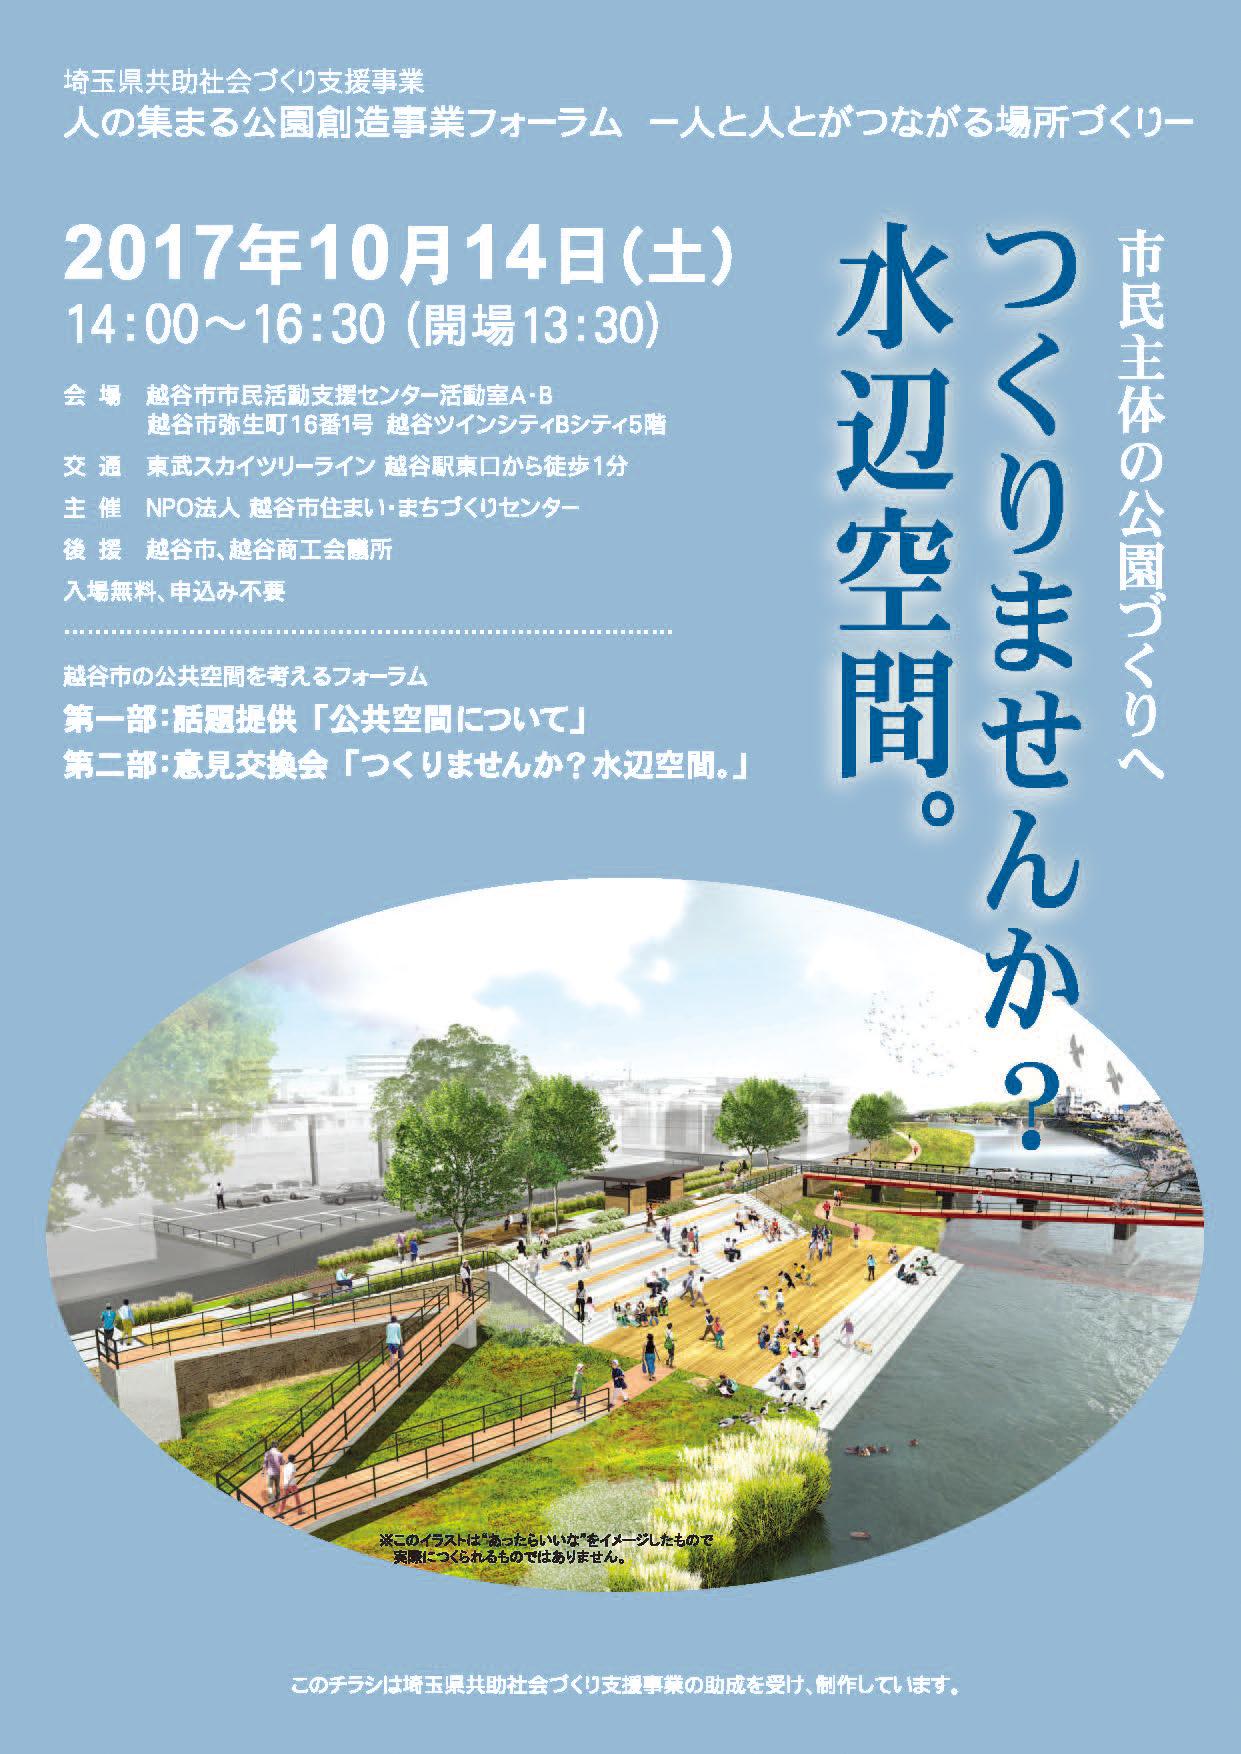 埼玉県共助社会づくり支援事業人の集まる公園創造事業フォーラム「人と人がつながる場所づくり」市民主体の公園づくりへ つくりませんか? 水辺空間。